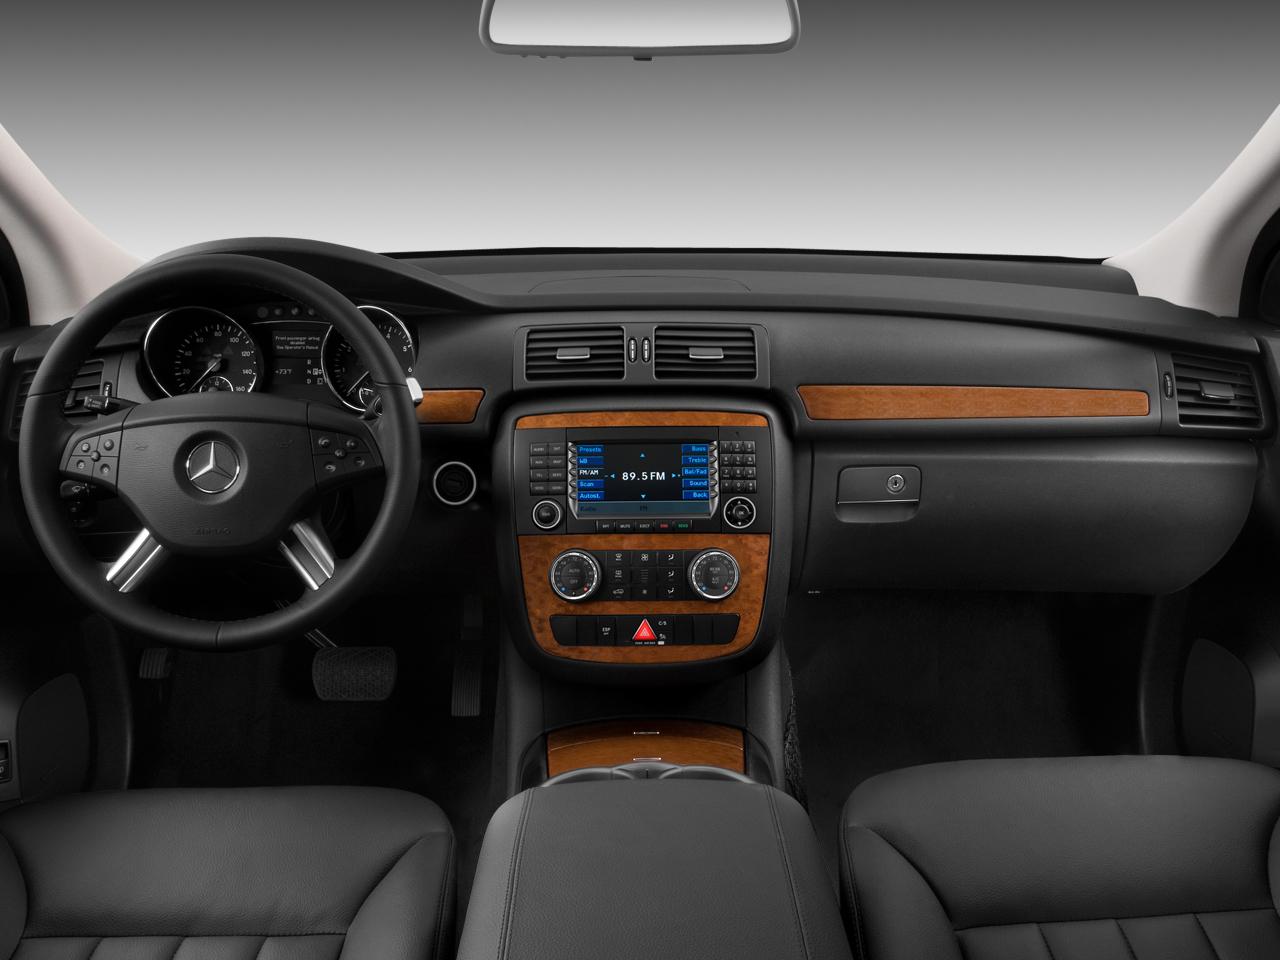 2009 Mercedes Benz R320 Bluetec Fuel Efficient News Car